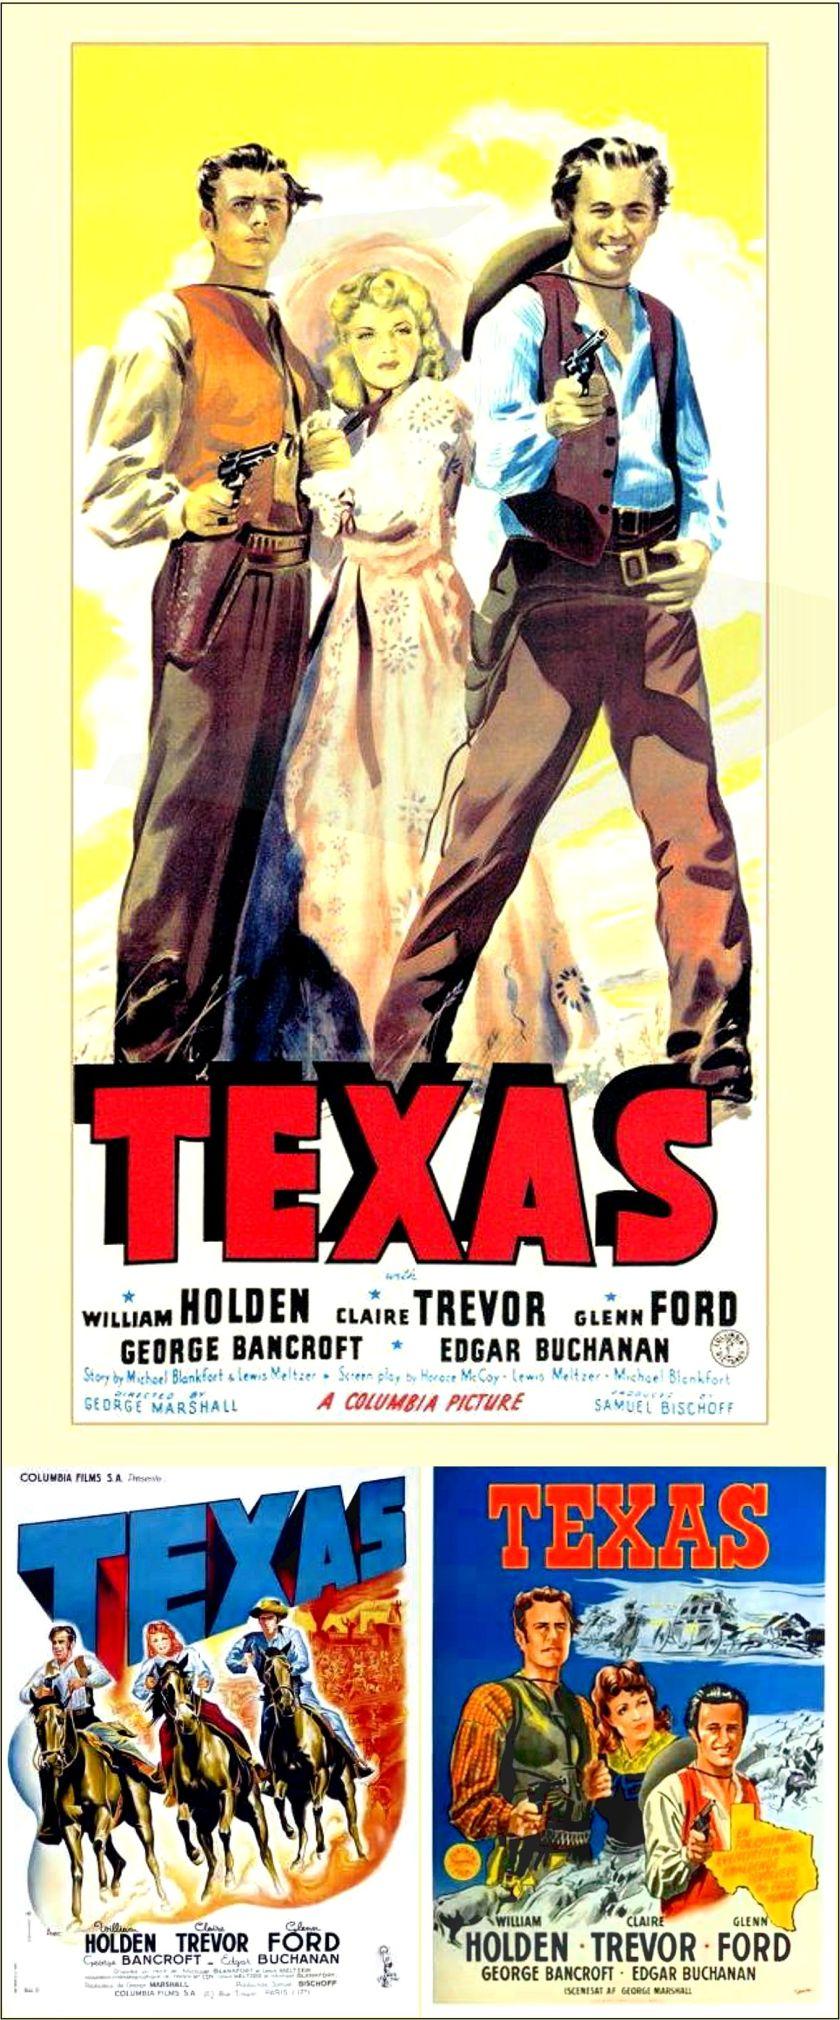 Texas GLENN FORD William Holden